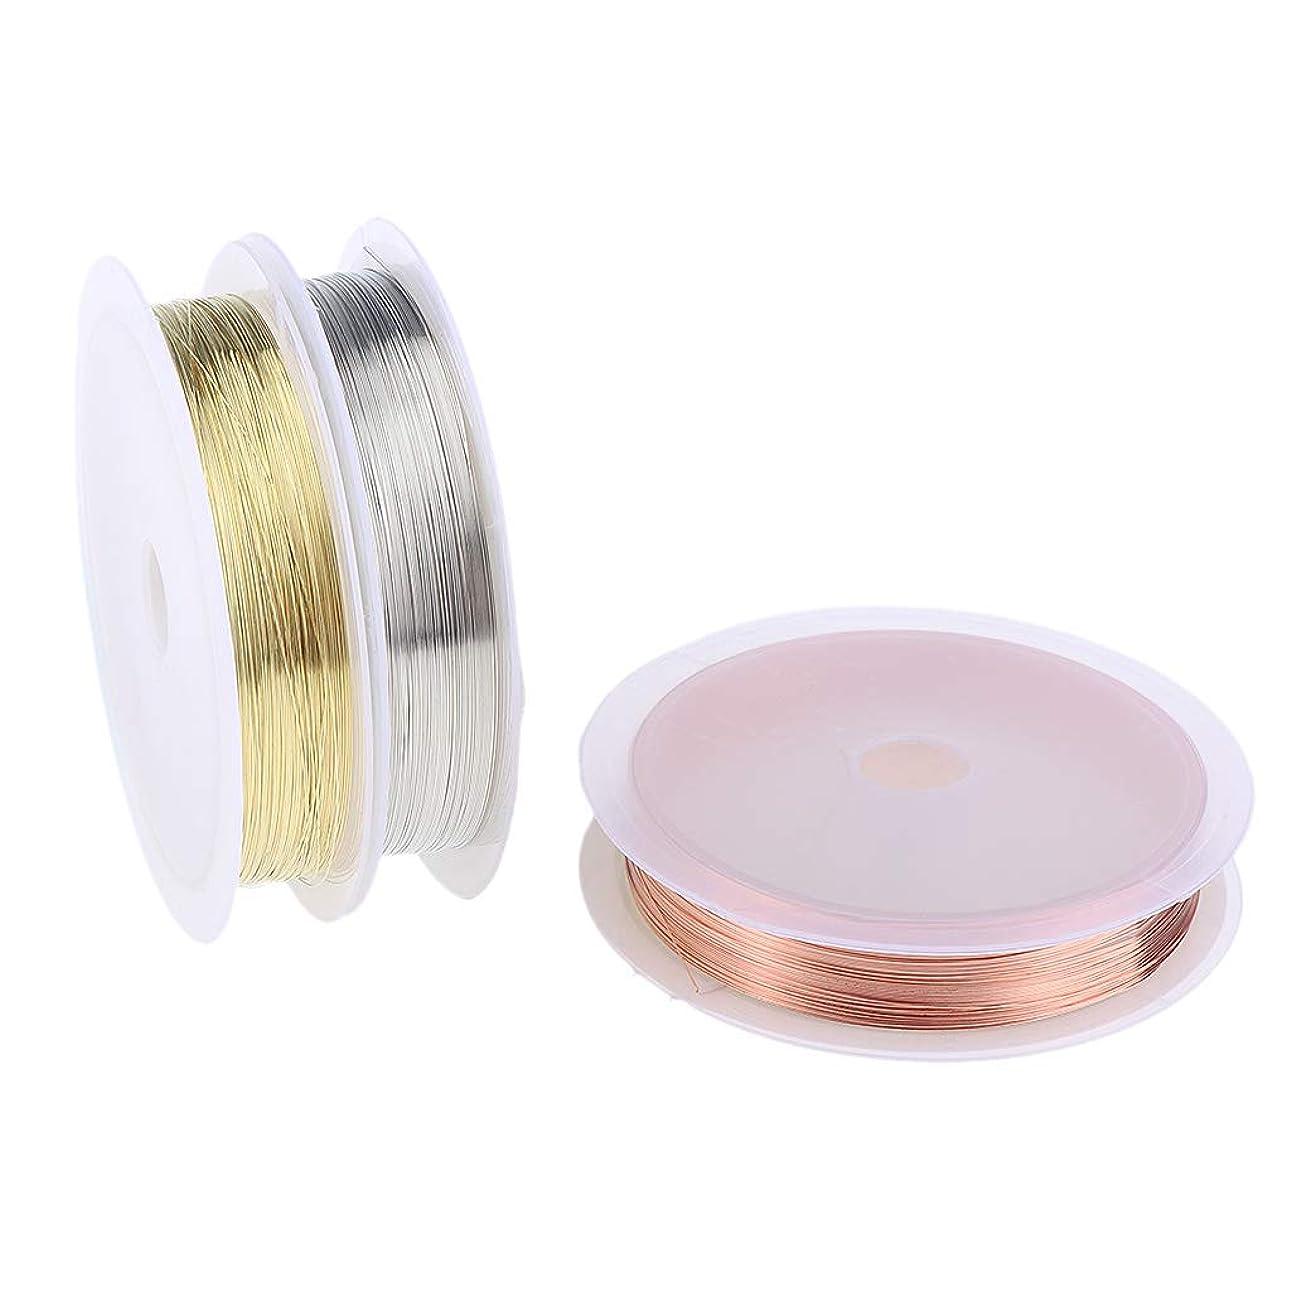 退化する視線視線B Blesiya 3本 銅製 ネイル ライン DIY 銅ラインロール ストライピングテープライン